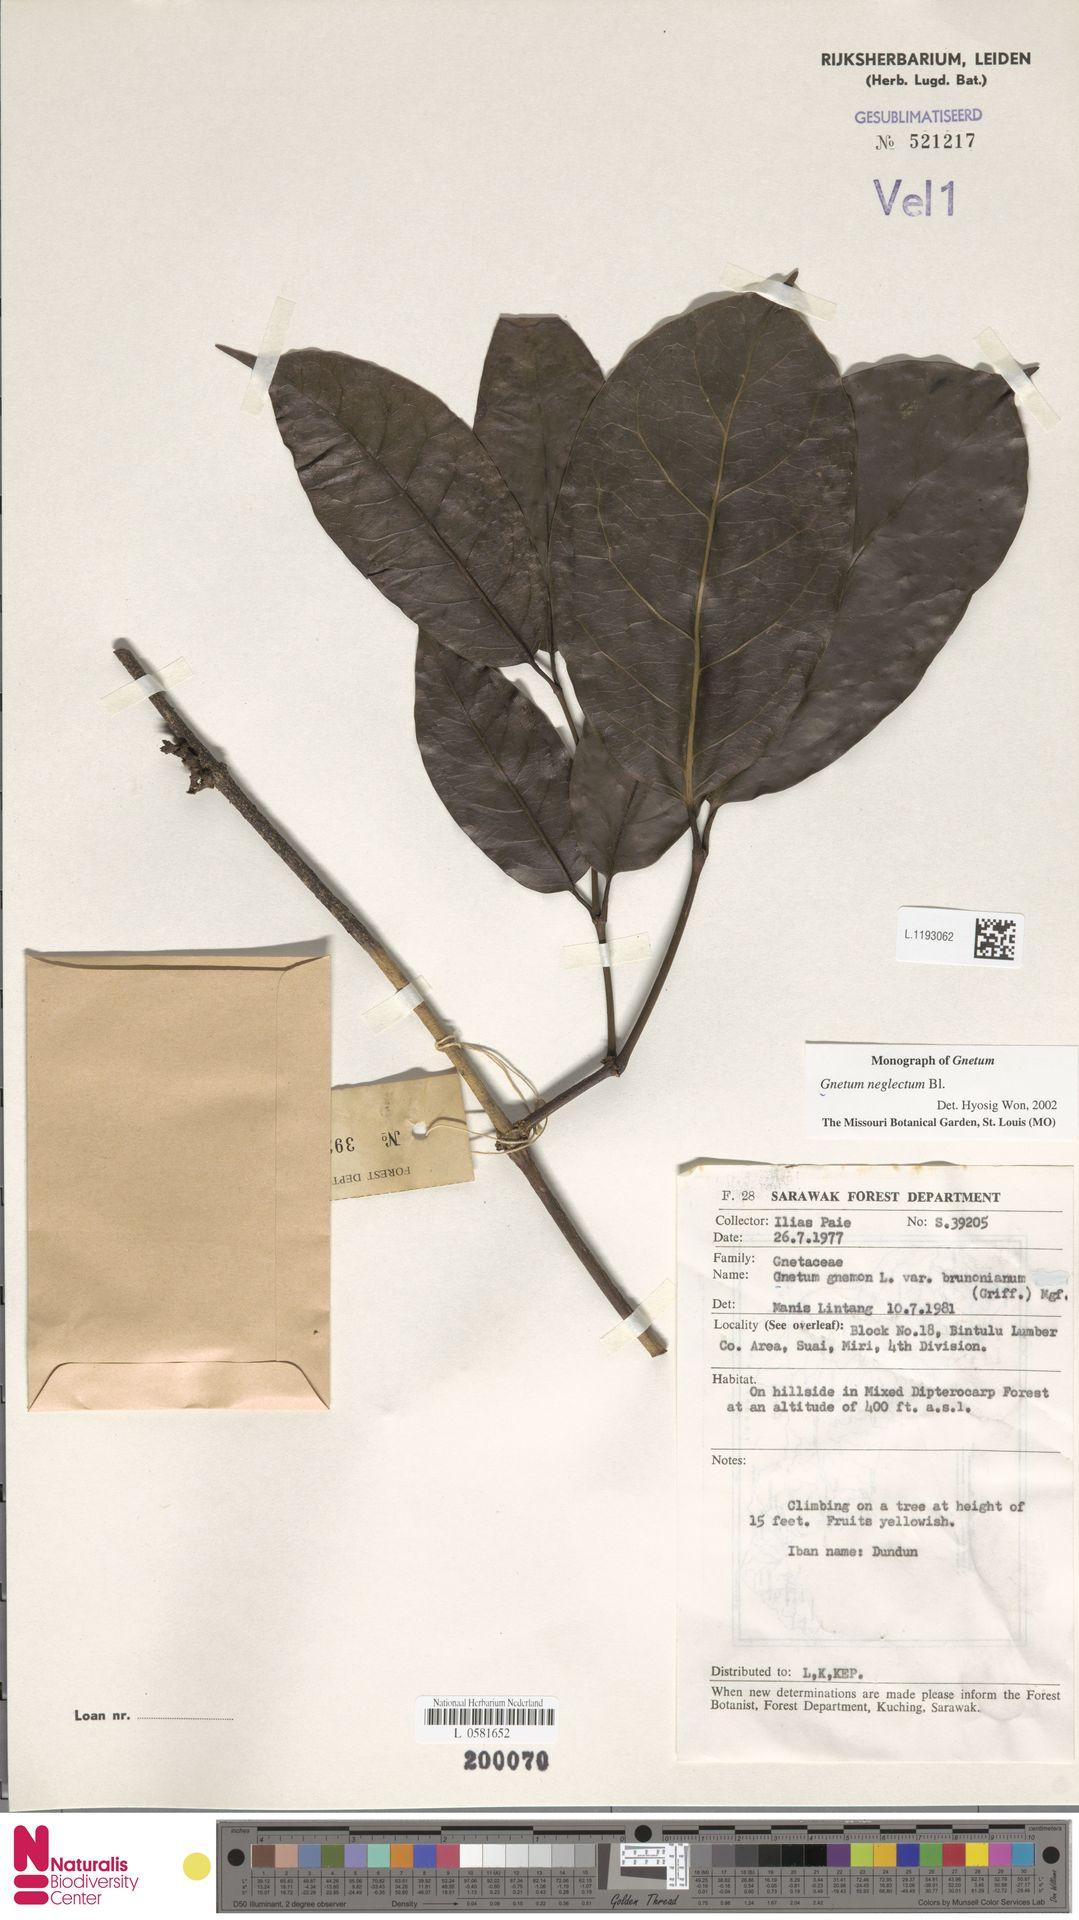 L.1193062   Gnetum neglectum Blume